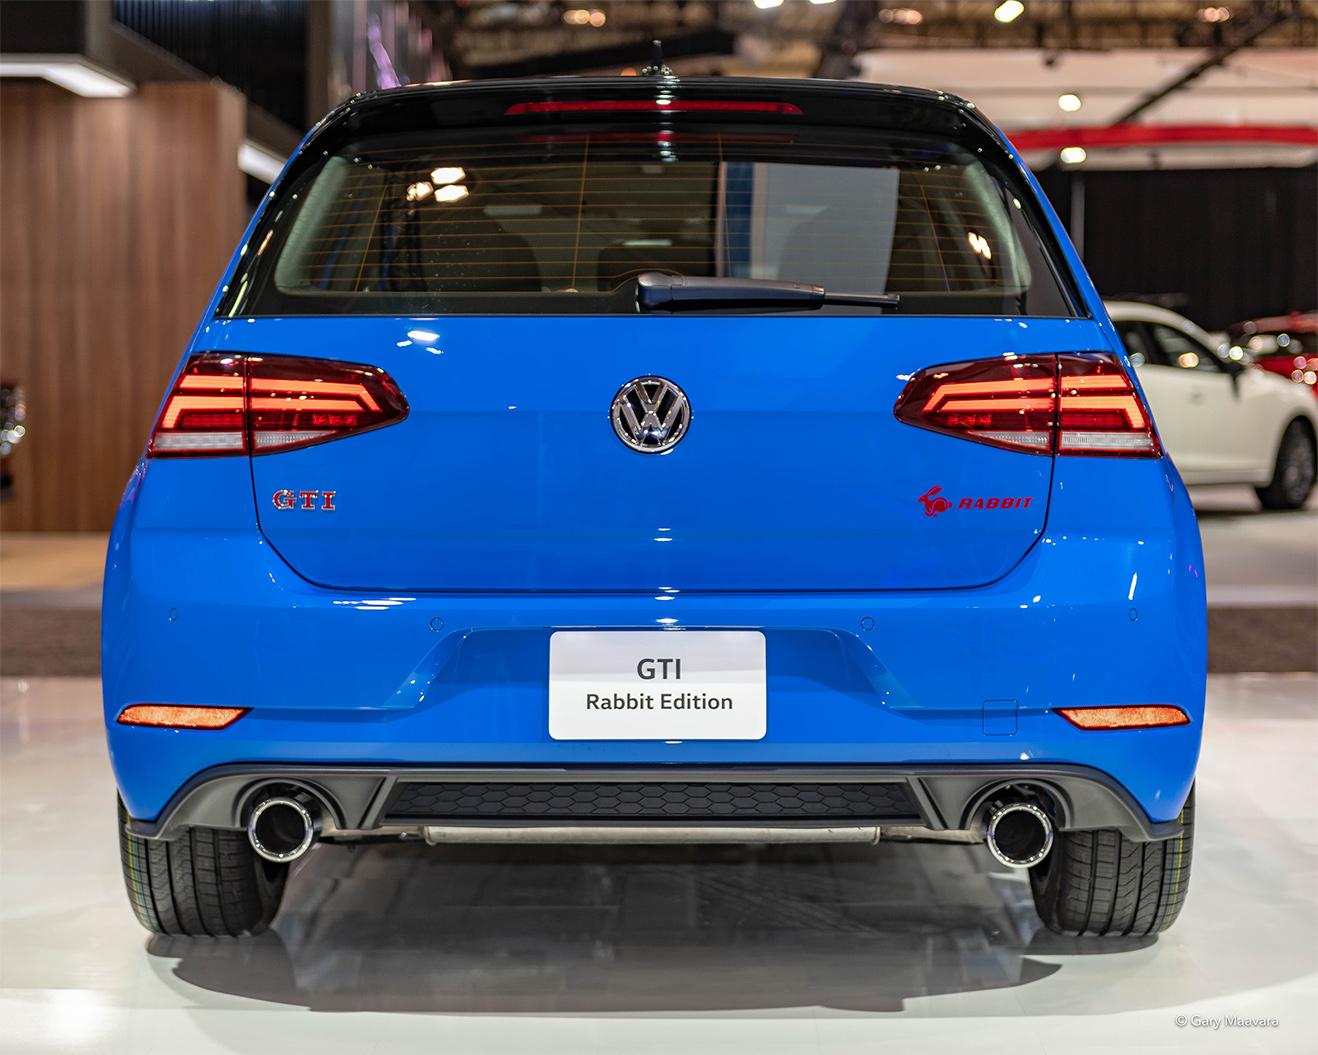 TrackWorthy - CIAS_VW Golf GTI Rabbit rear